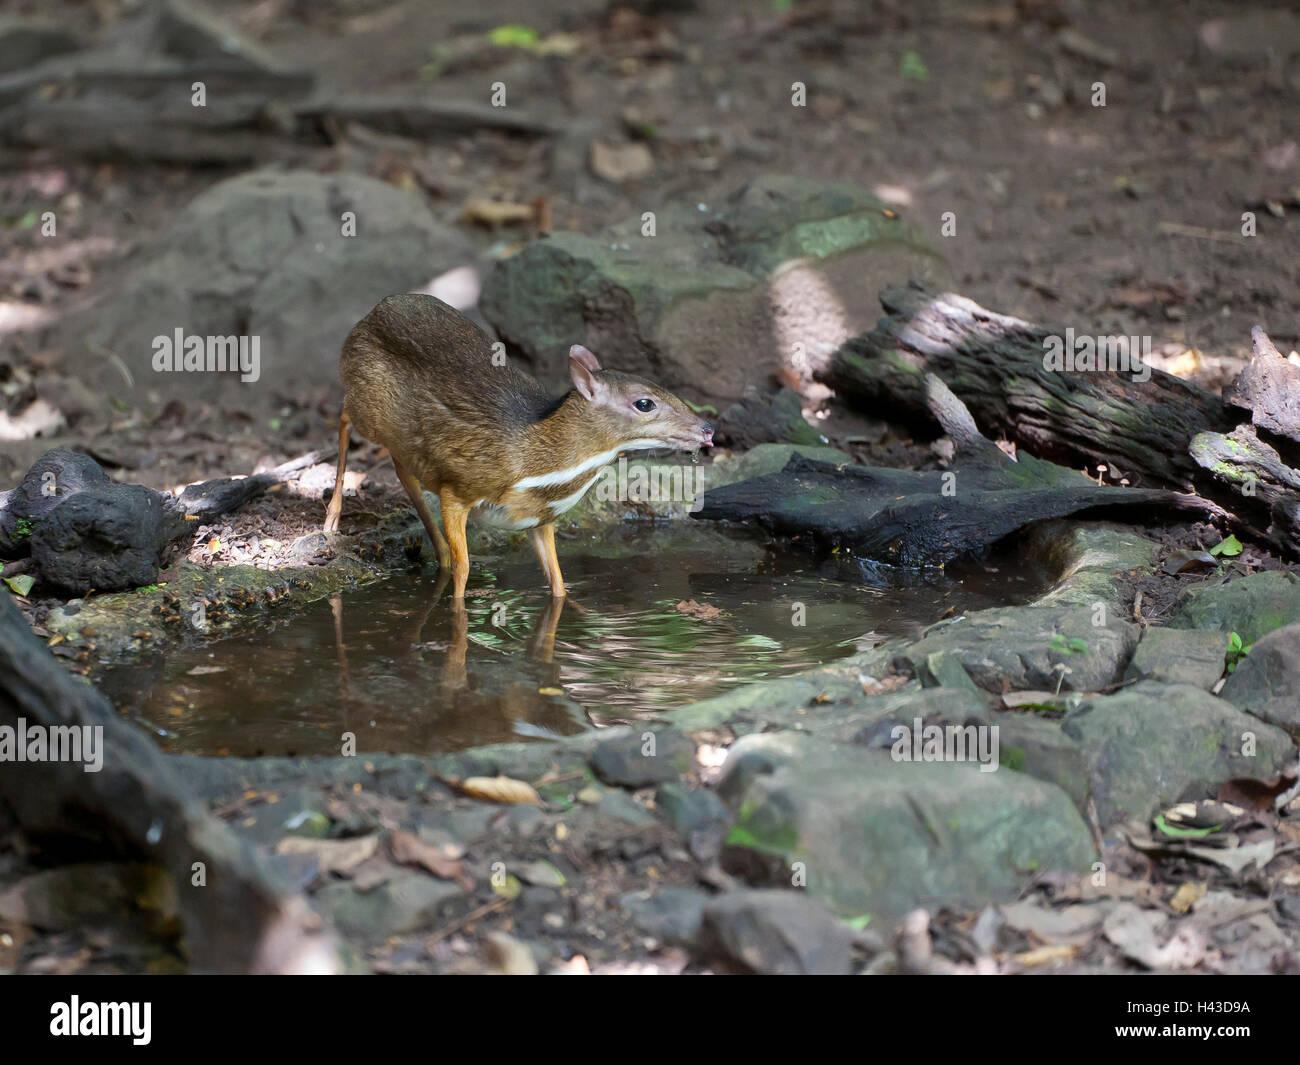 Lesser mouse-deer or kanchil (Tragulus kanchil) at waterhole, Kaeng Krachan National Park, Phetchaburi, Thailand Stock Photo